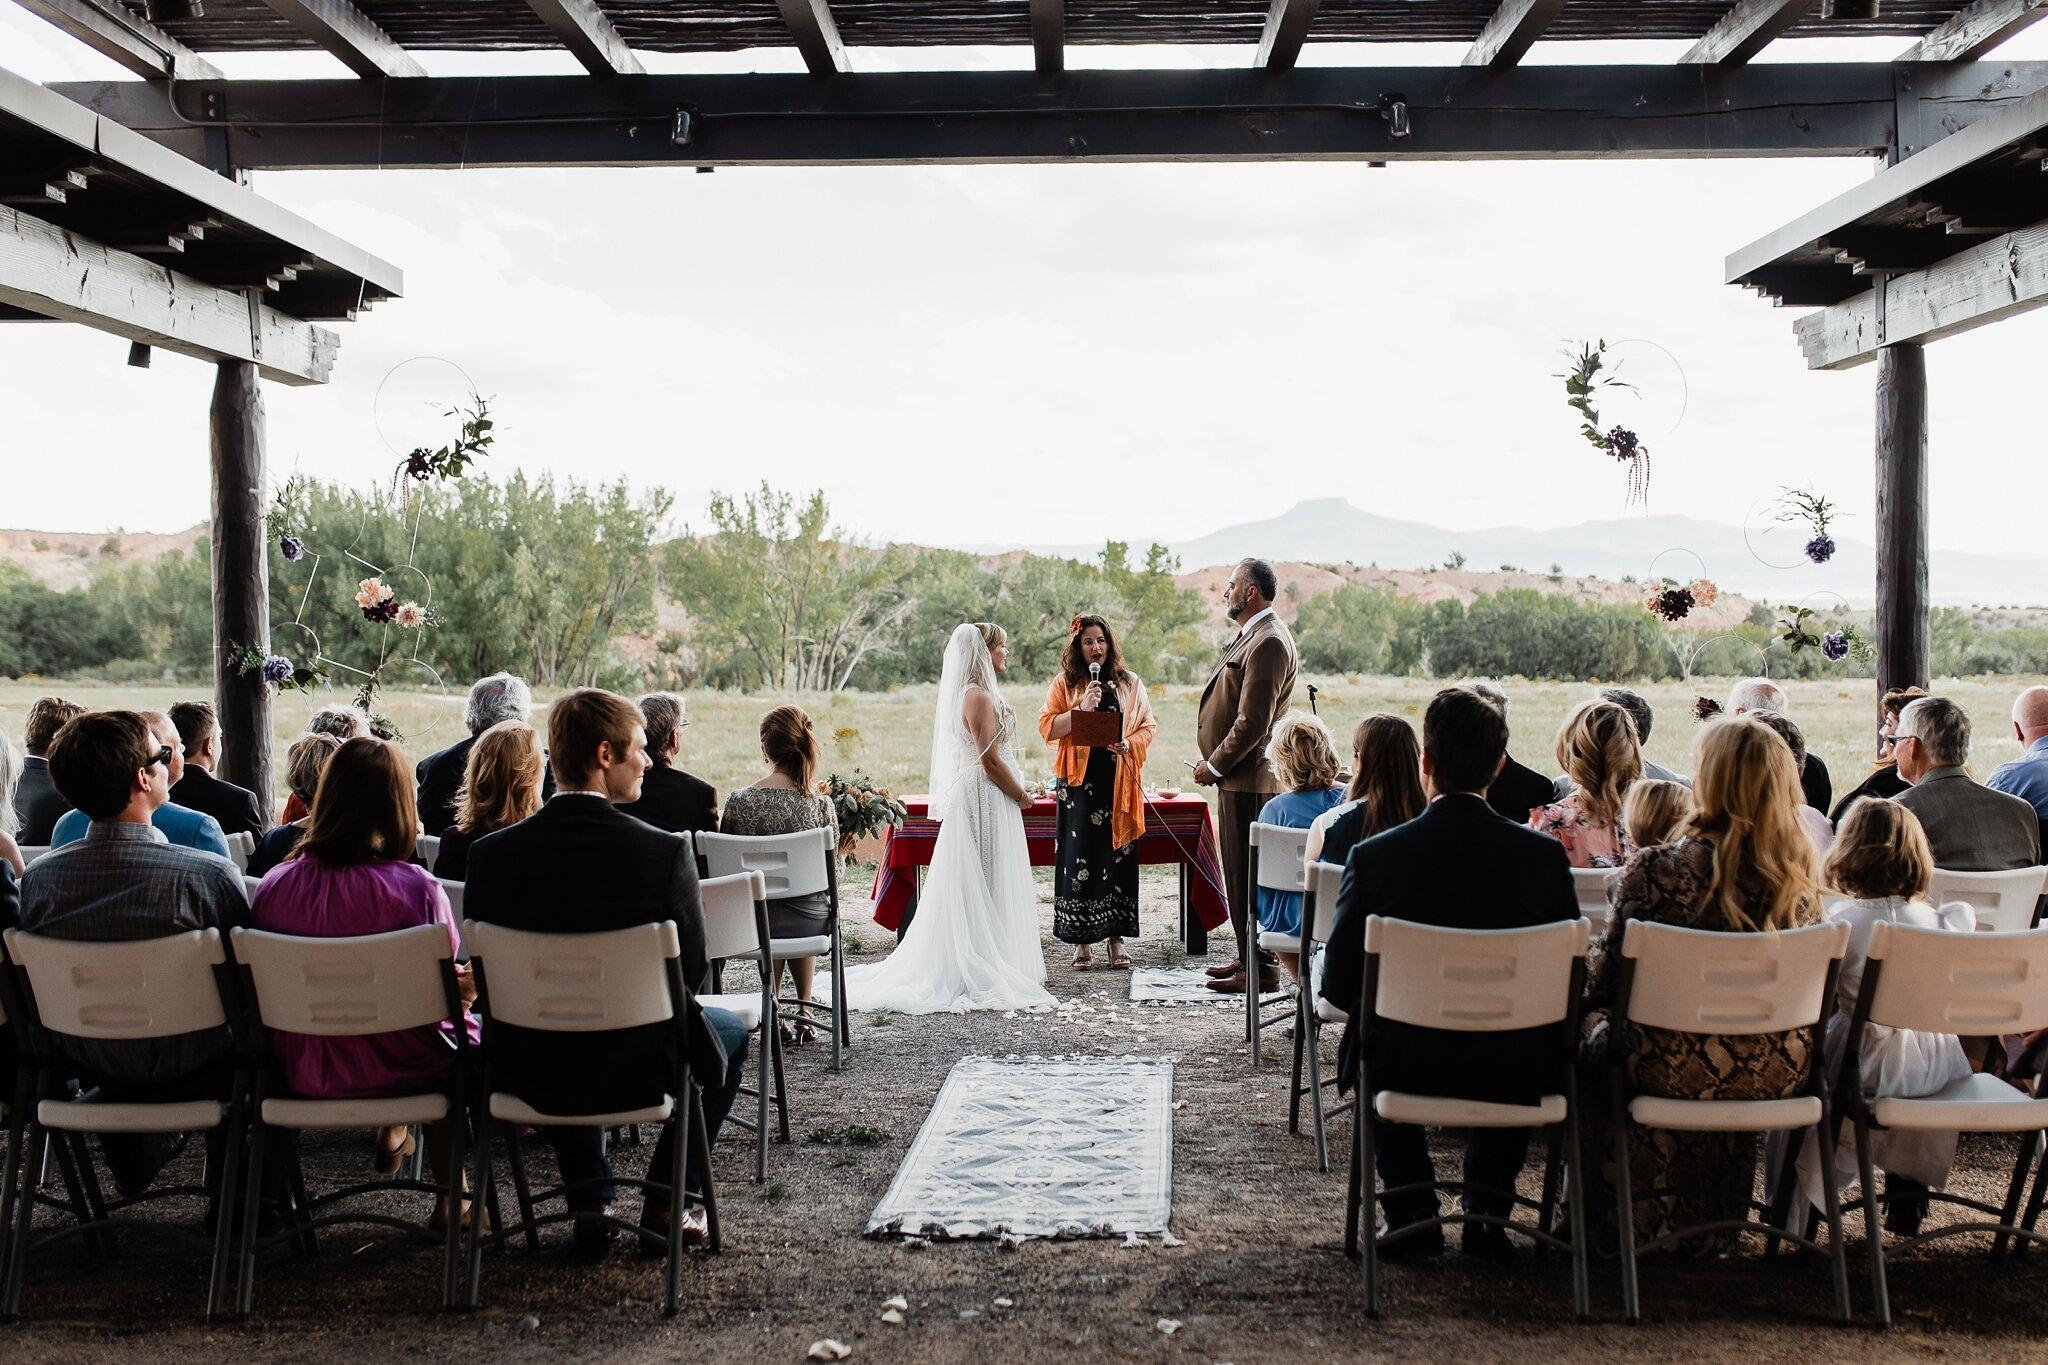 Alicia+lucia+photography+-+albuquerque+wedding+photographer+-+santa+fe+wedding+photography+-+new+mexico+wedding+photographer+-+new+mexico+wedding+-+wedding+-+santa+fe+wedding+-+ghost+ranch+-+ghost+ranch+wedding+-+fall+wedding_0032.jpg